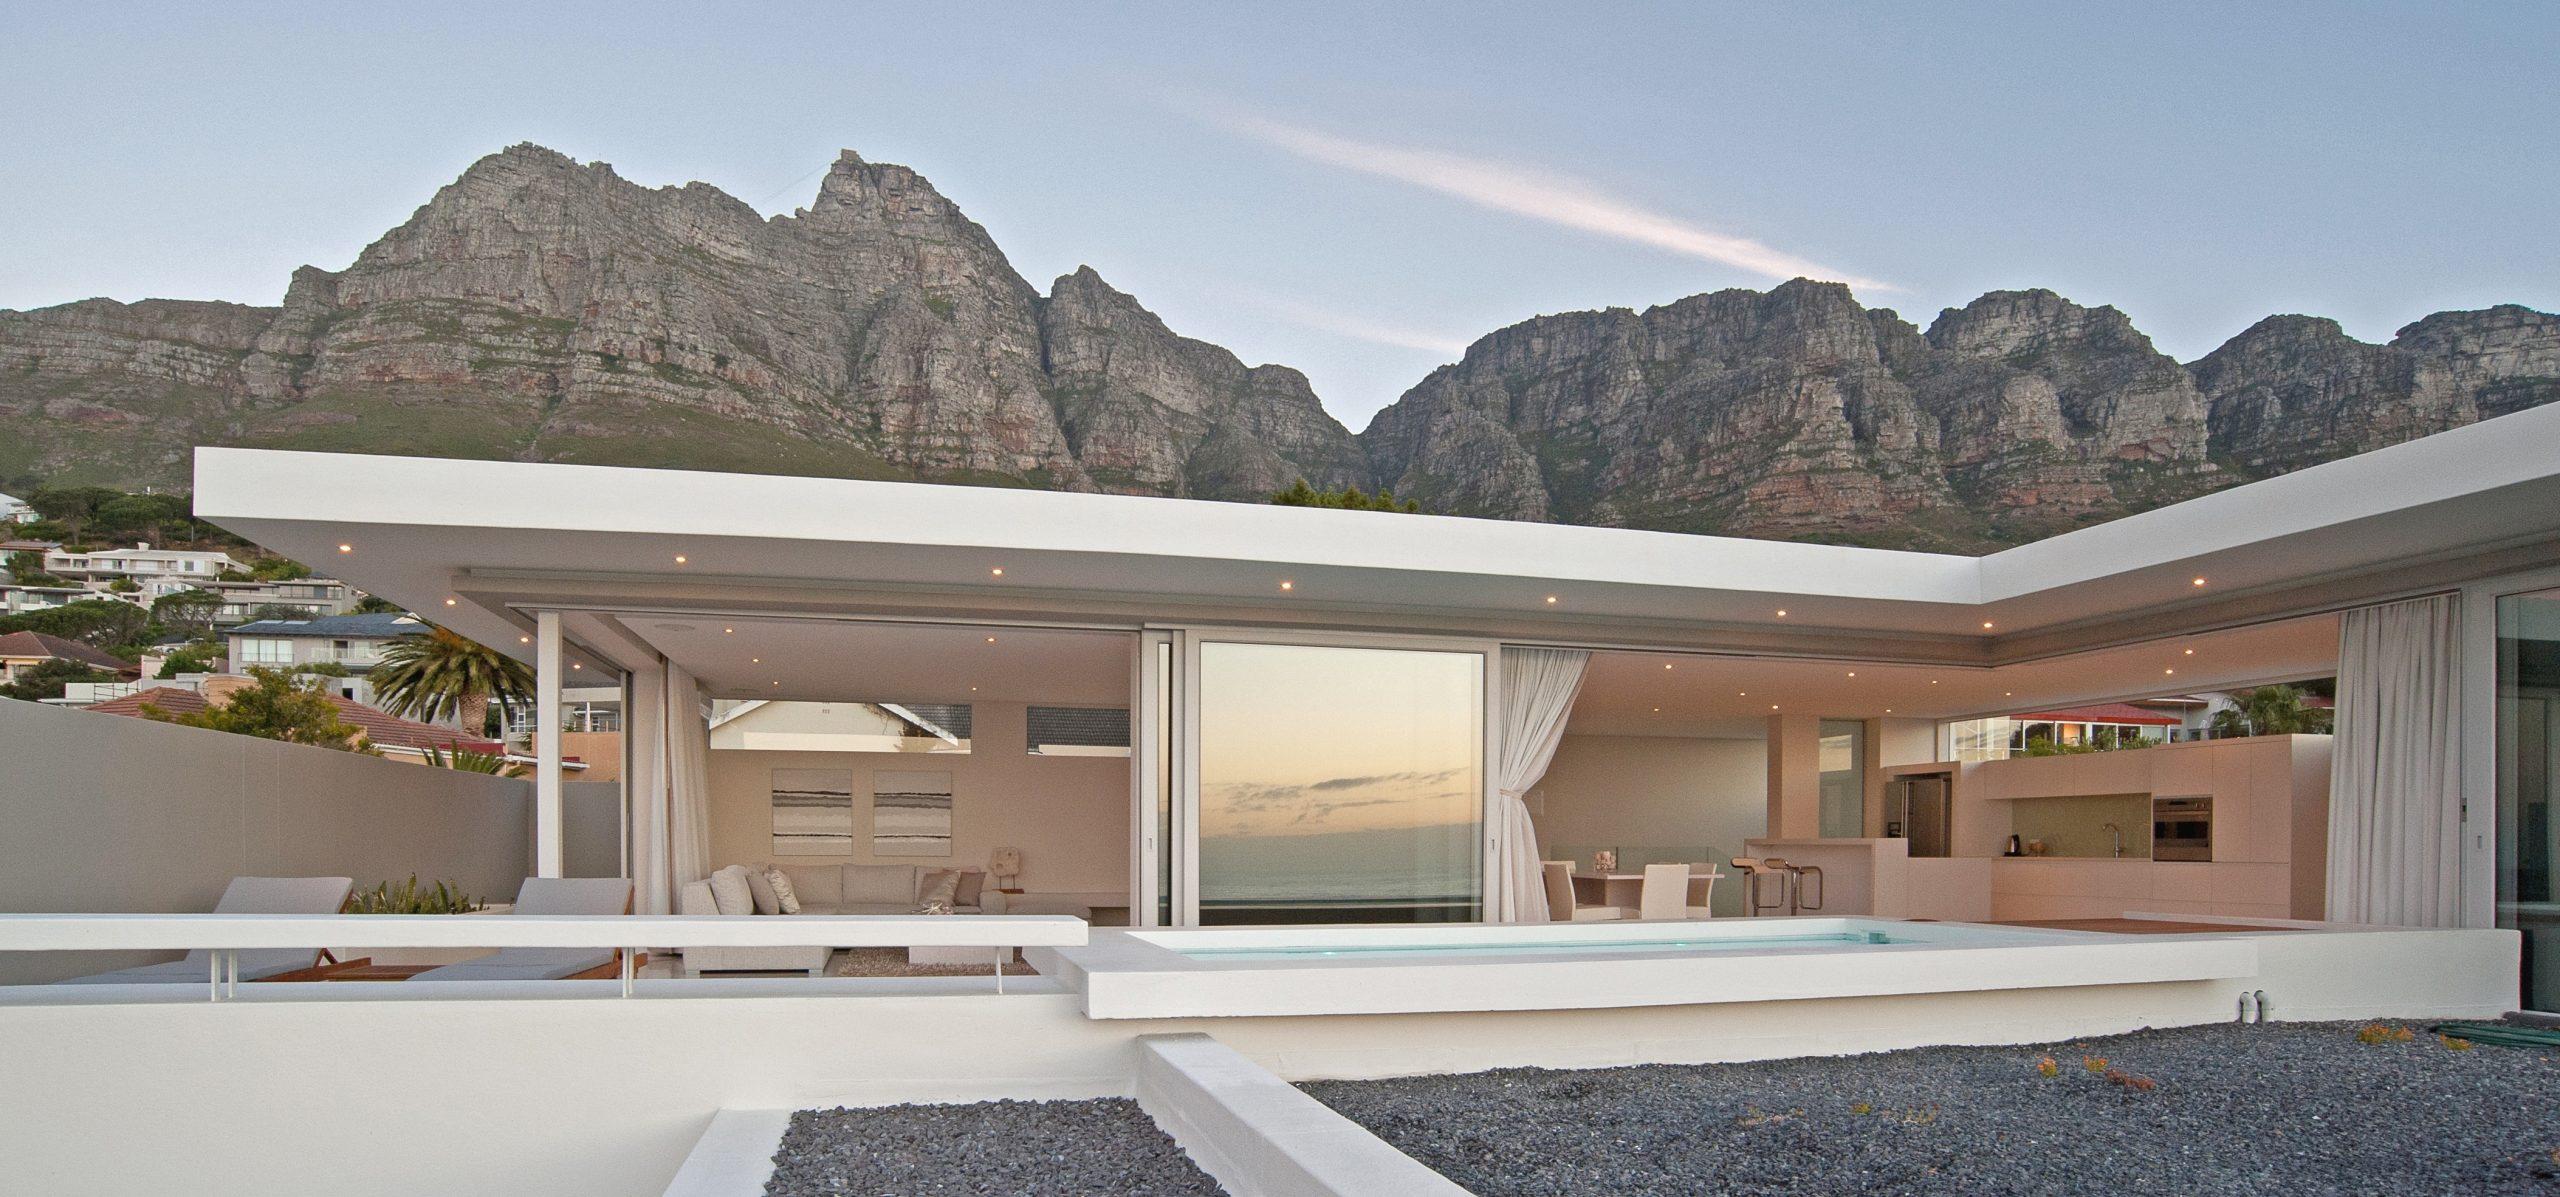 5 Bedroom Aquatic Villa